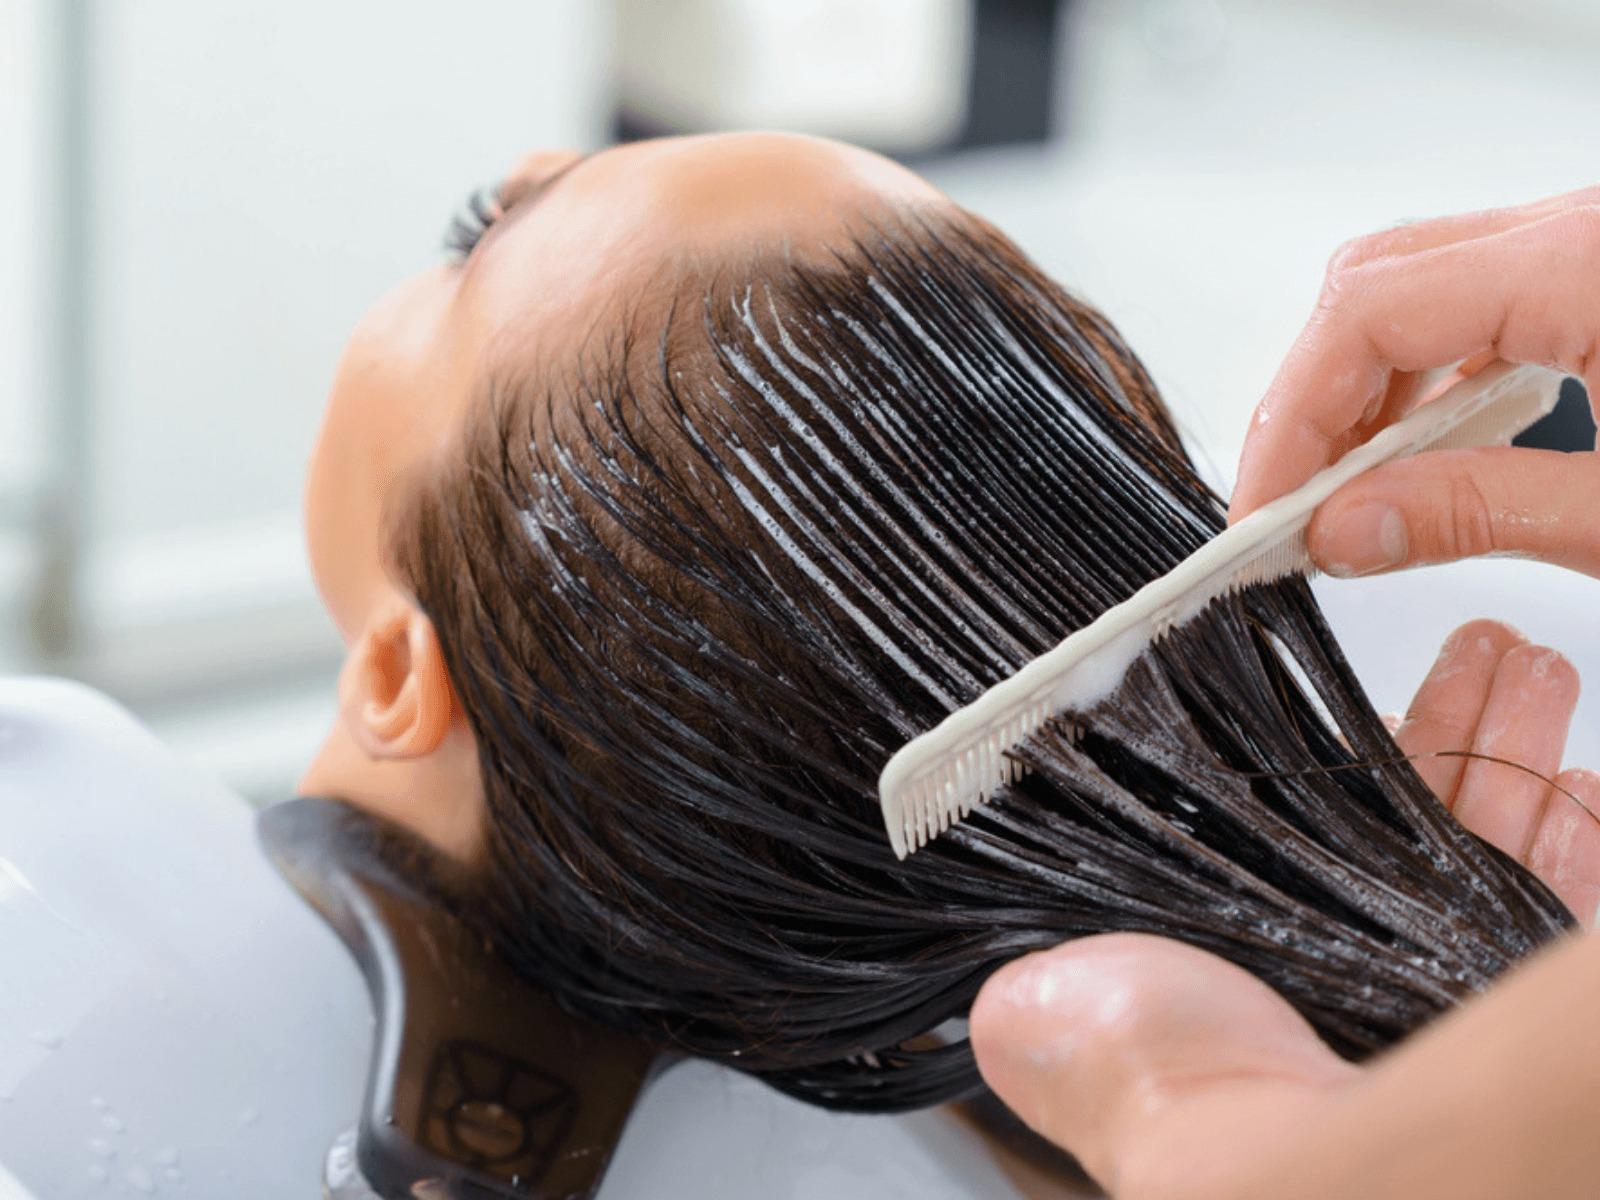 زيت جوز الهند لتطويل الشعر بسرعة